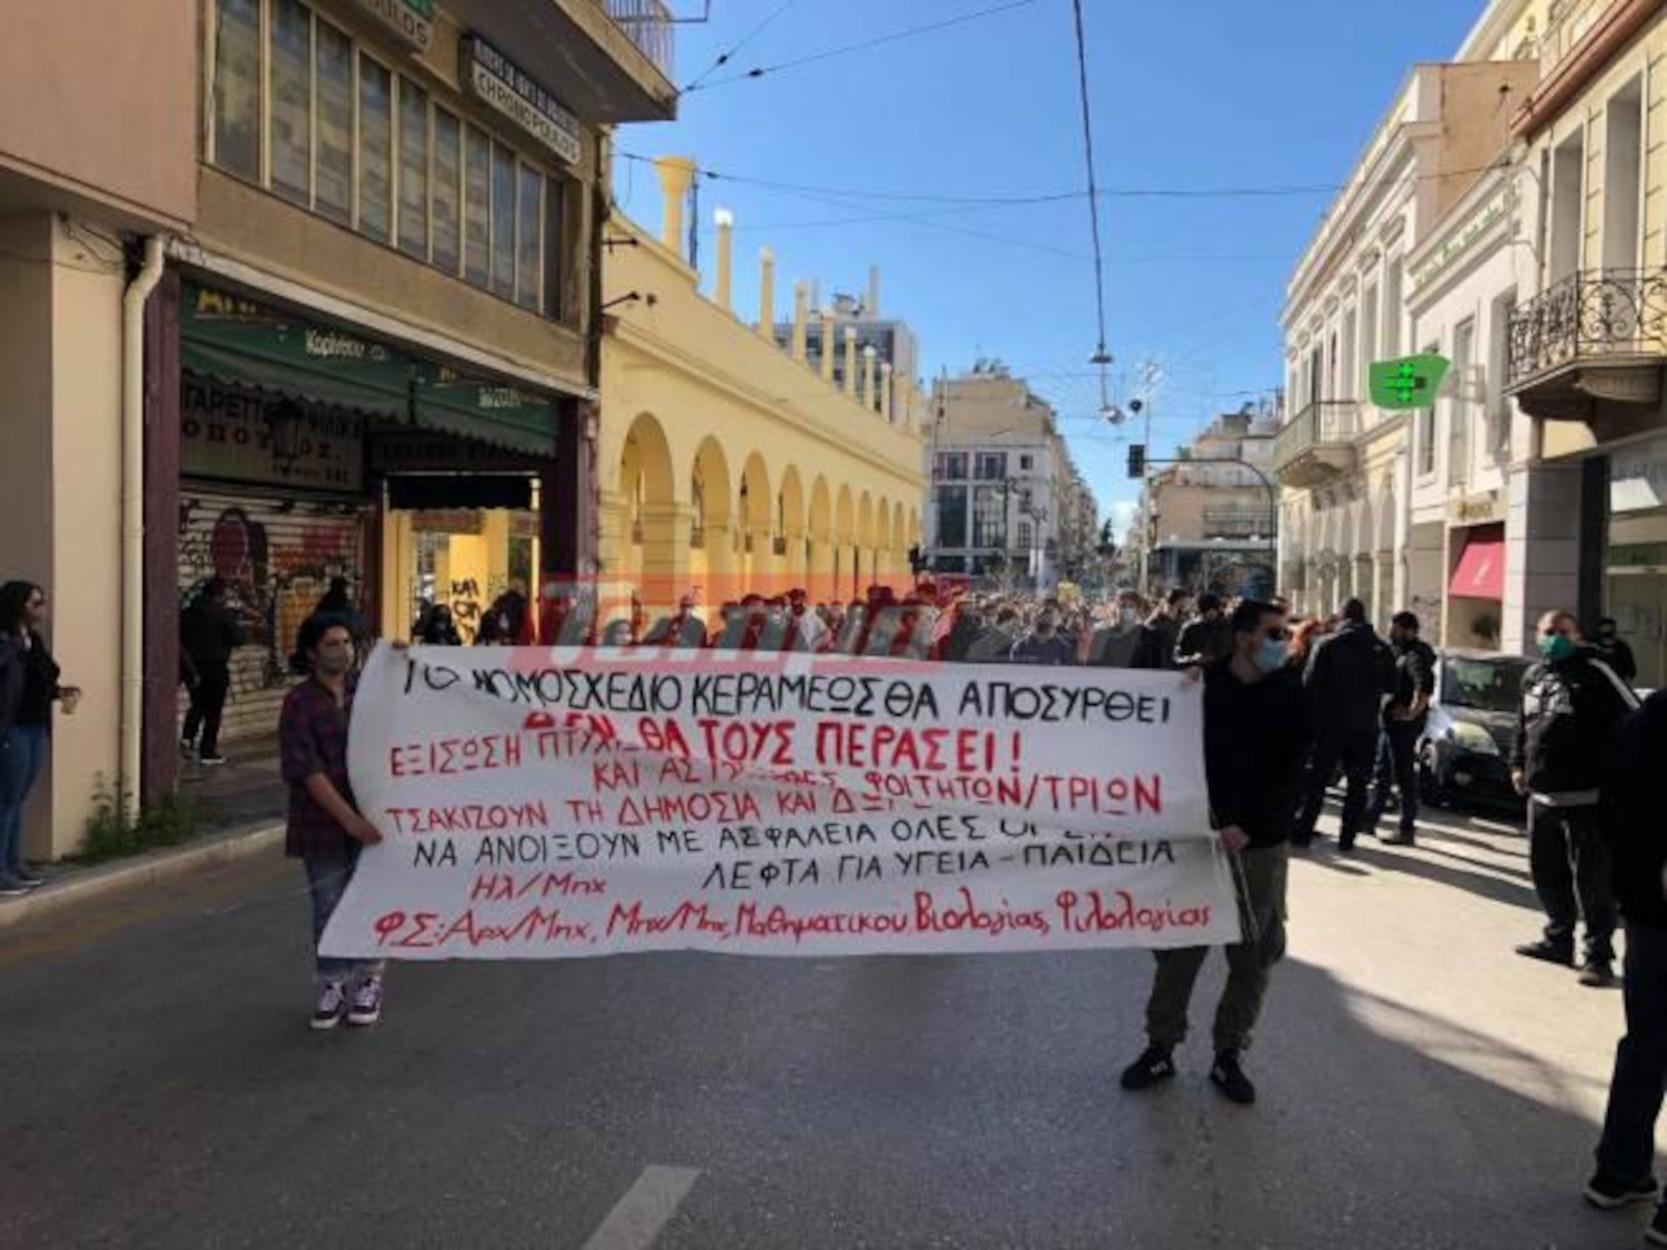 Συλλαλητήριο και στην Πάτρα – Ισχυρή παρουσία της αστυνομίας (pics, video)